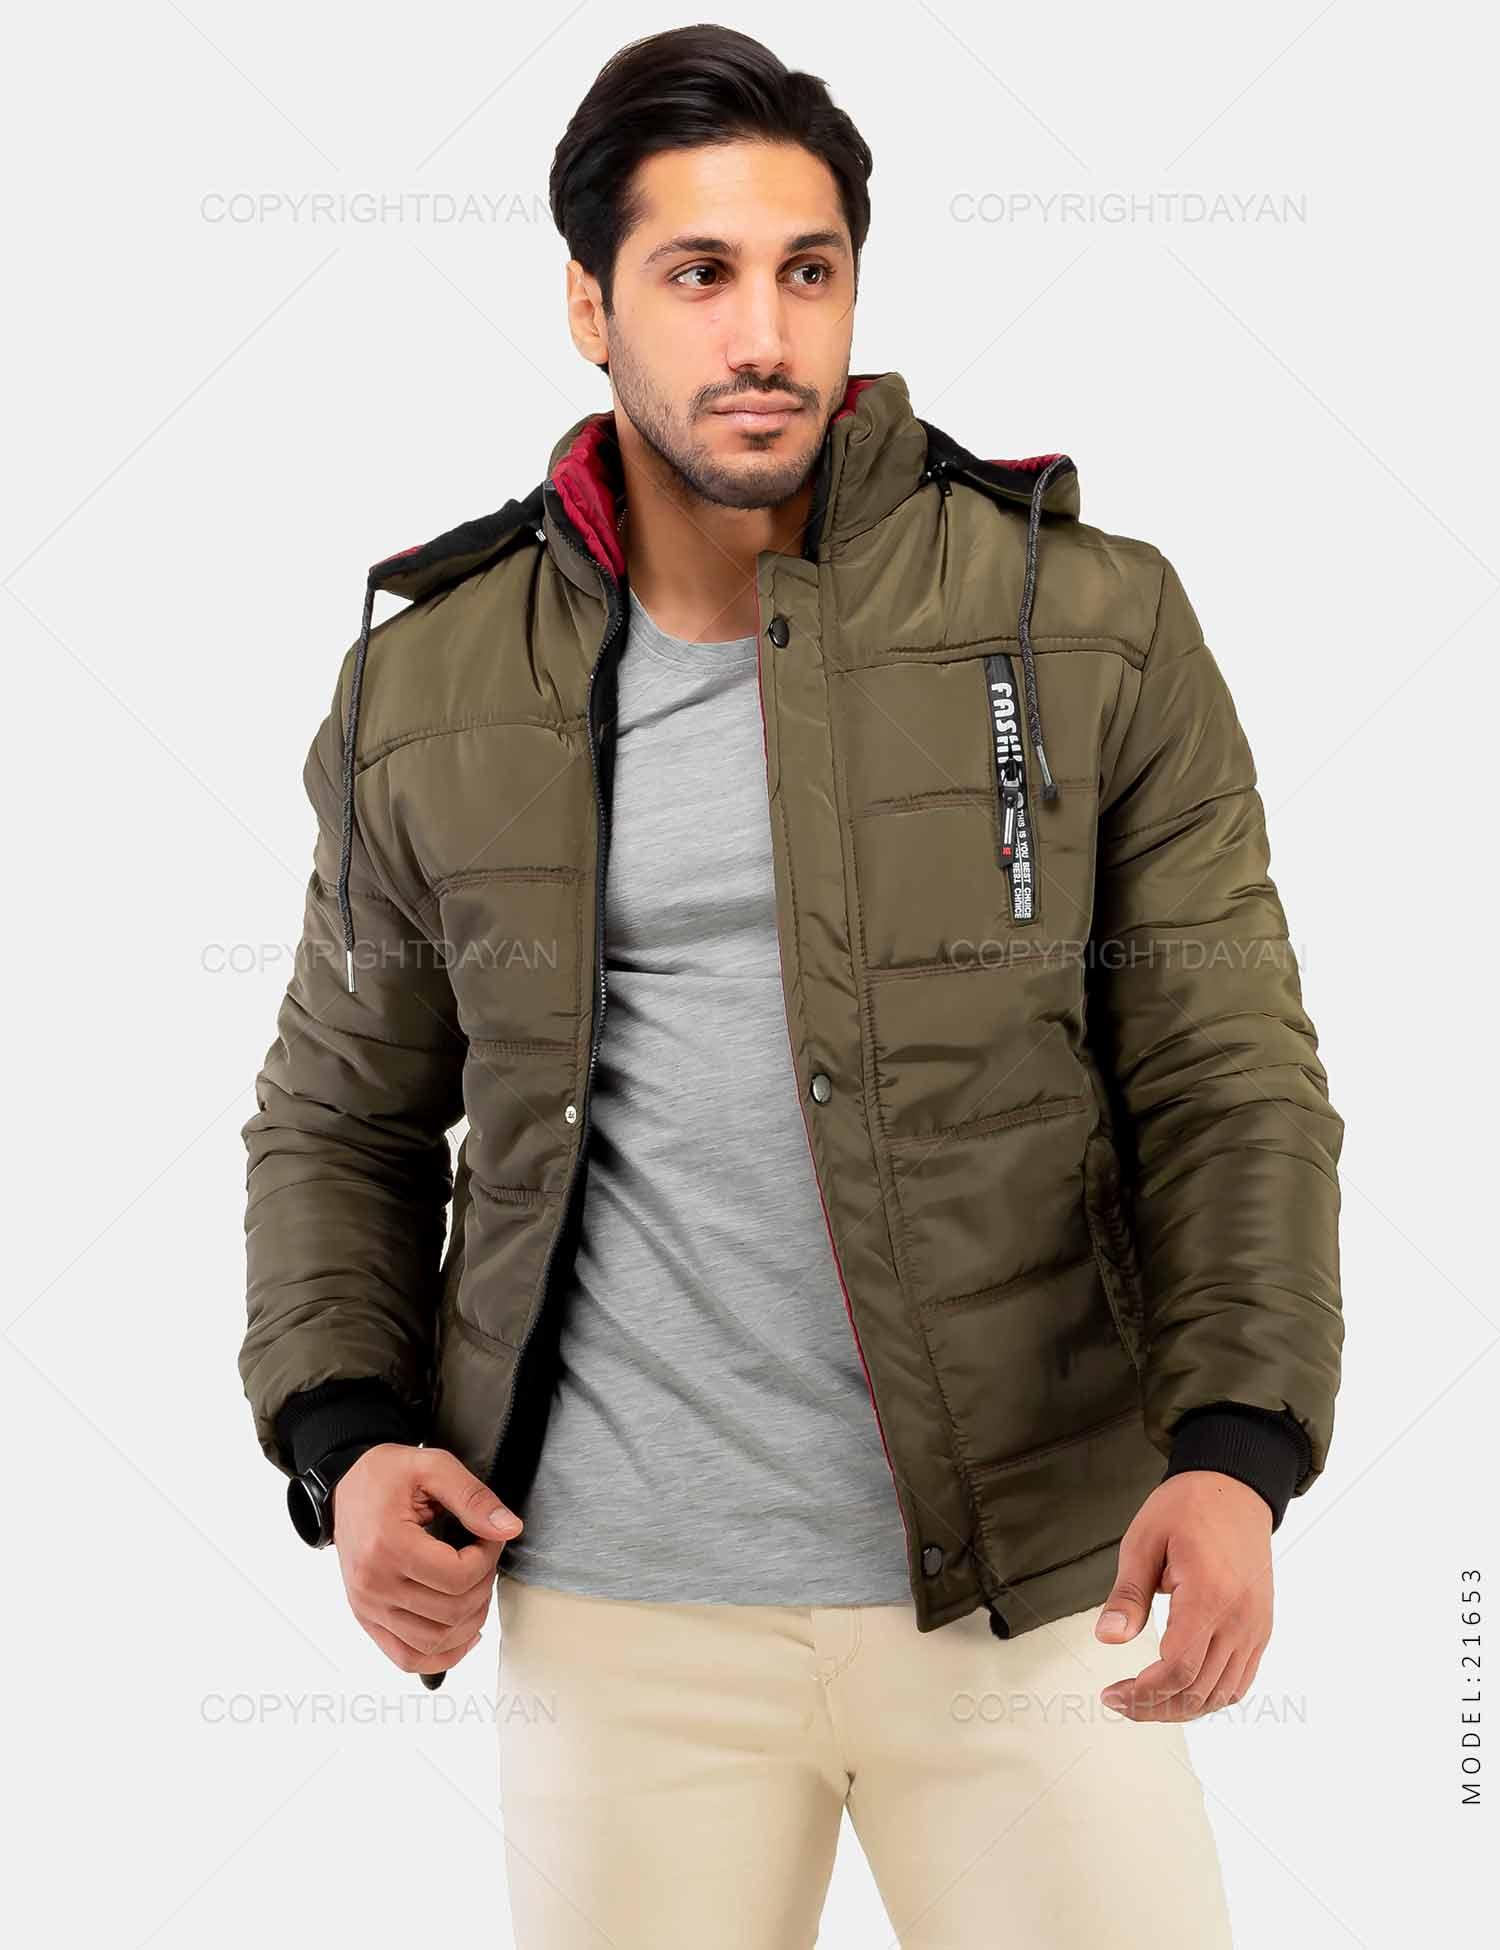 کاپشن مردانه Fashion مدل 21653